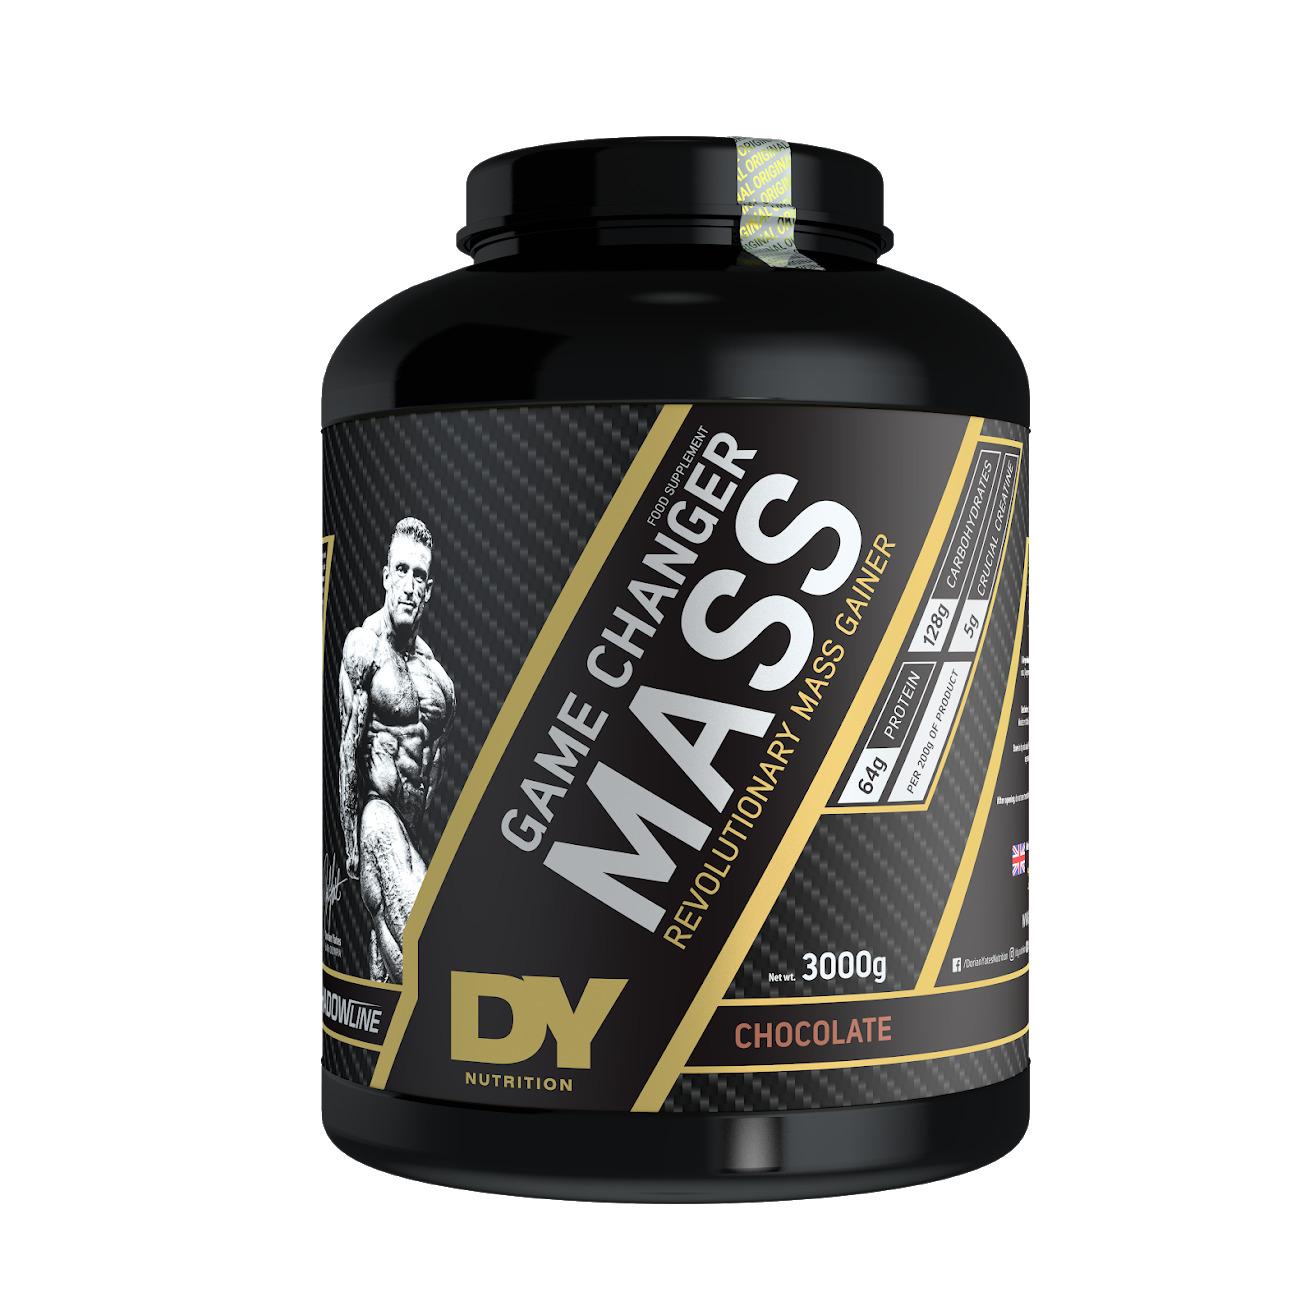 Game Changer Mass, Chocolate-Nuts - 3000g versandkostenfrei/portofrei bestellen/kaufen